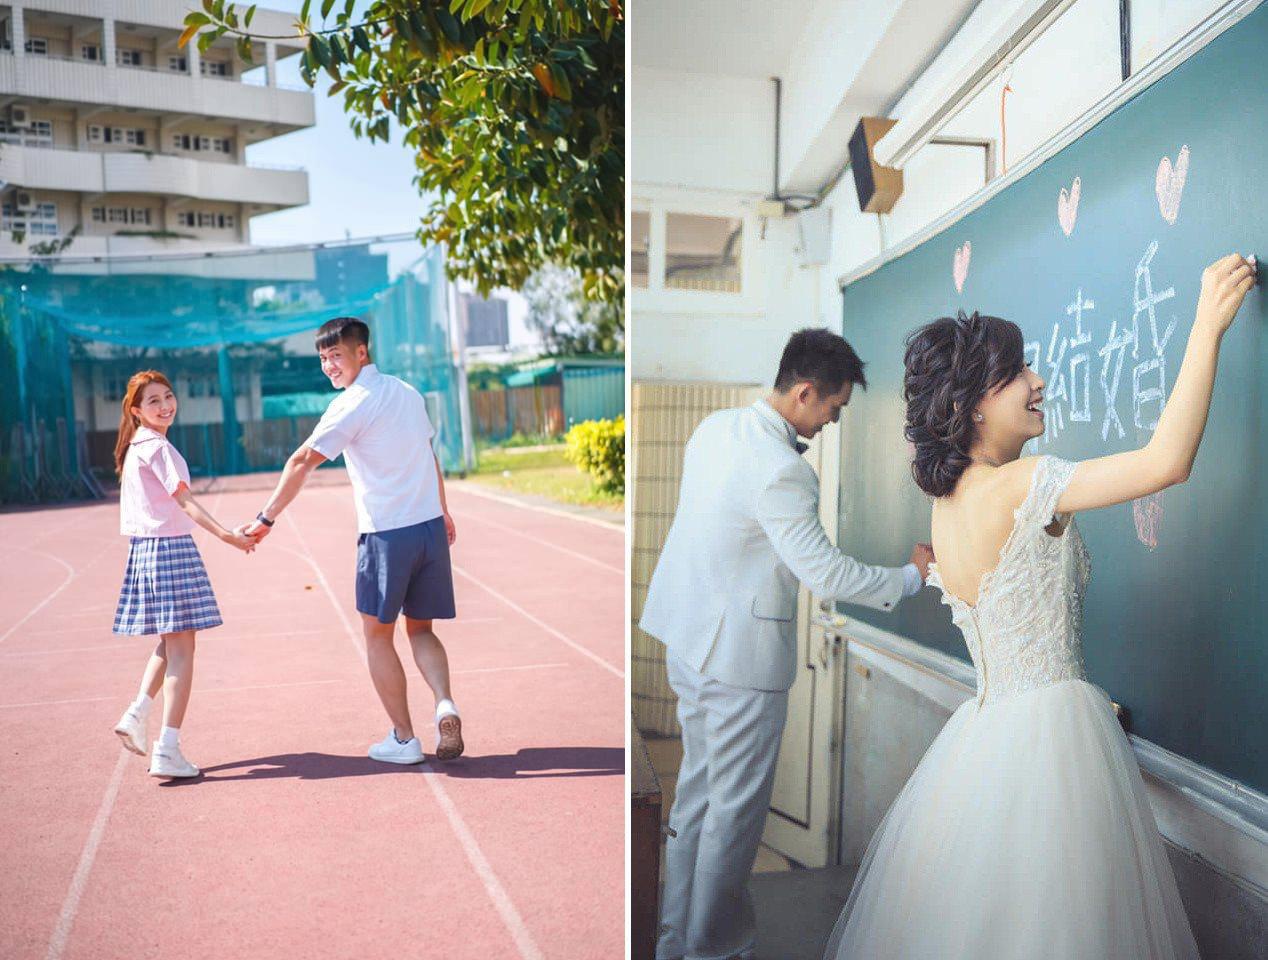 這對從國中開始交往的情侶,經過15年後終於修成正果,並重回國中校園拍攝婚紗照。 ...